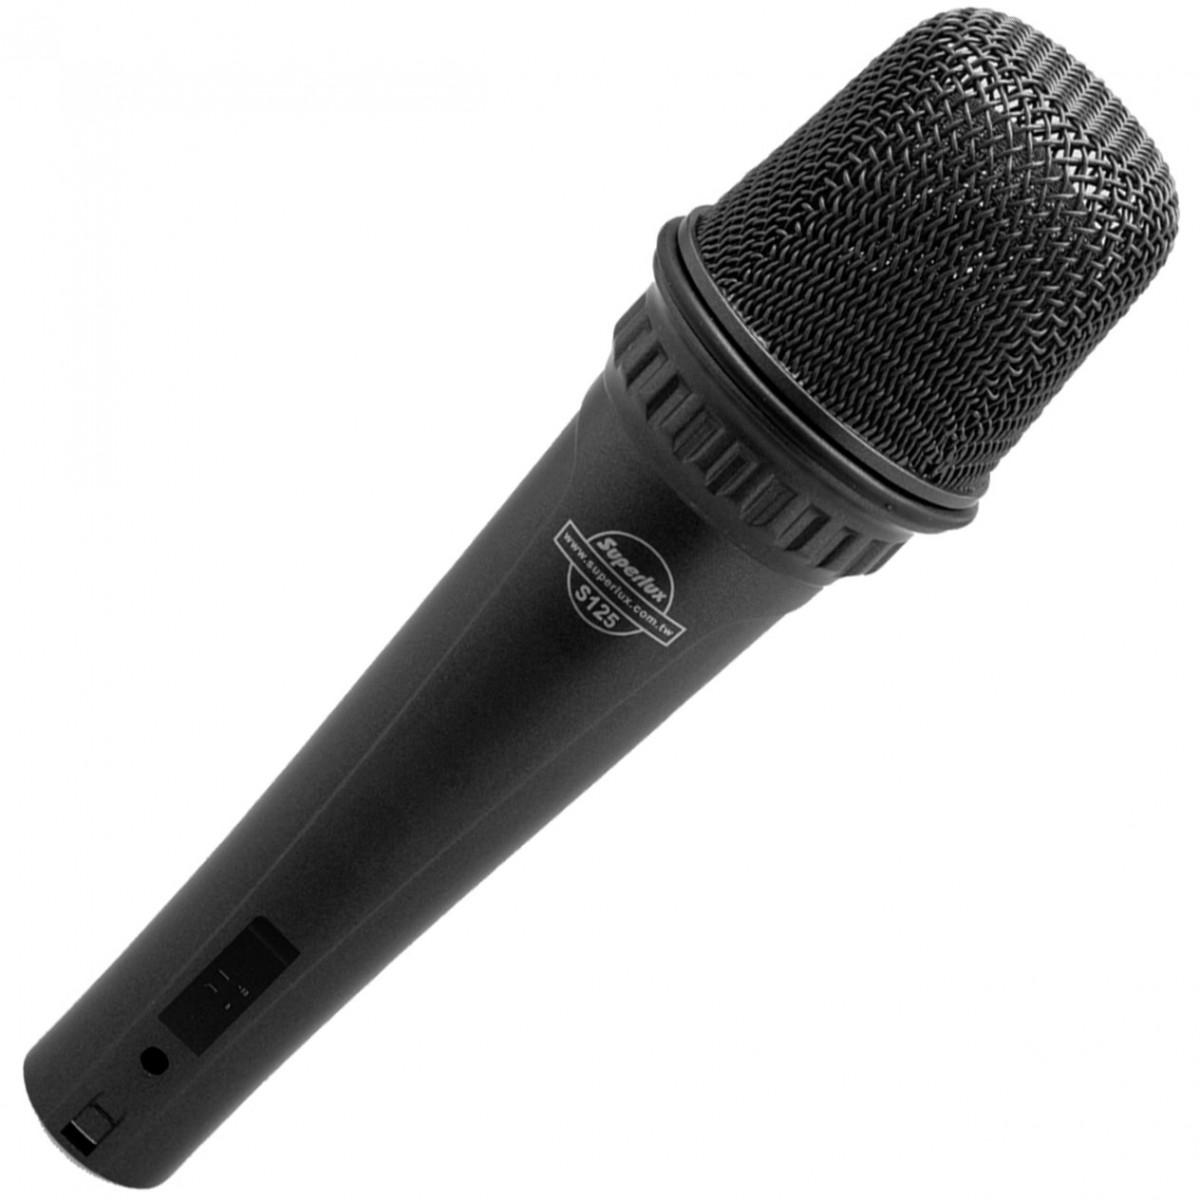 S125 - Microfone c/ Fio de Mão S 125 - Superlux